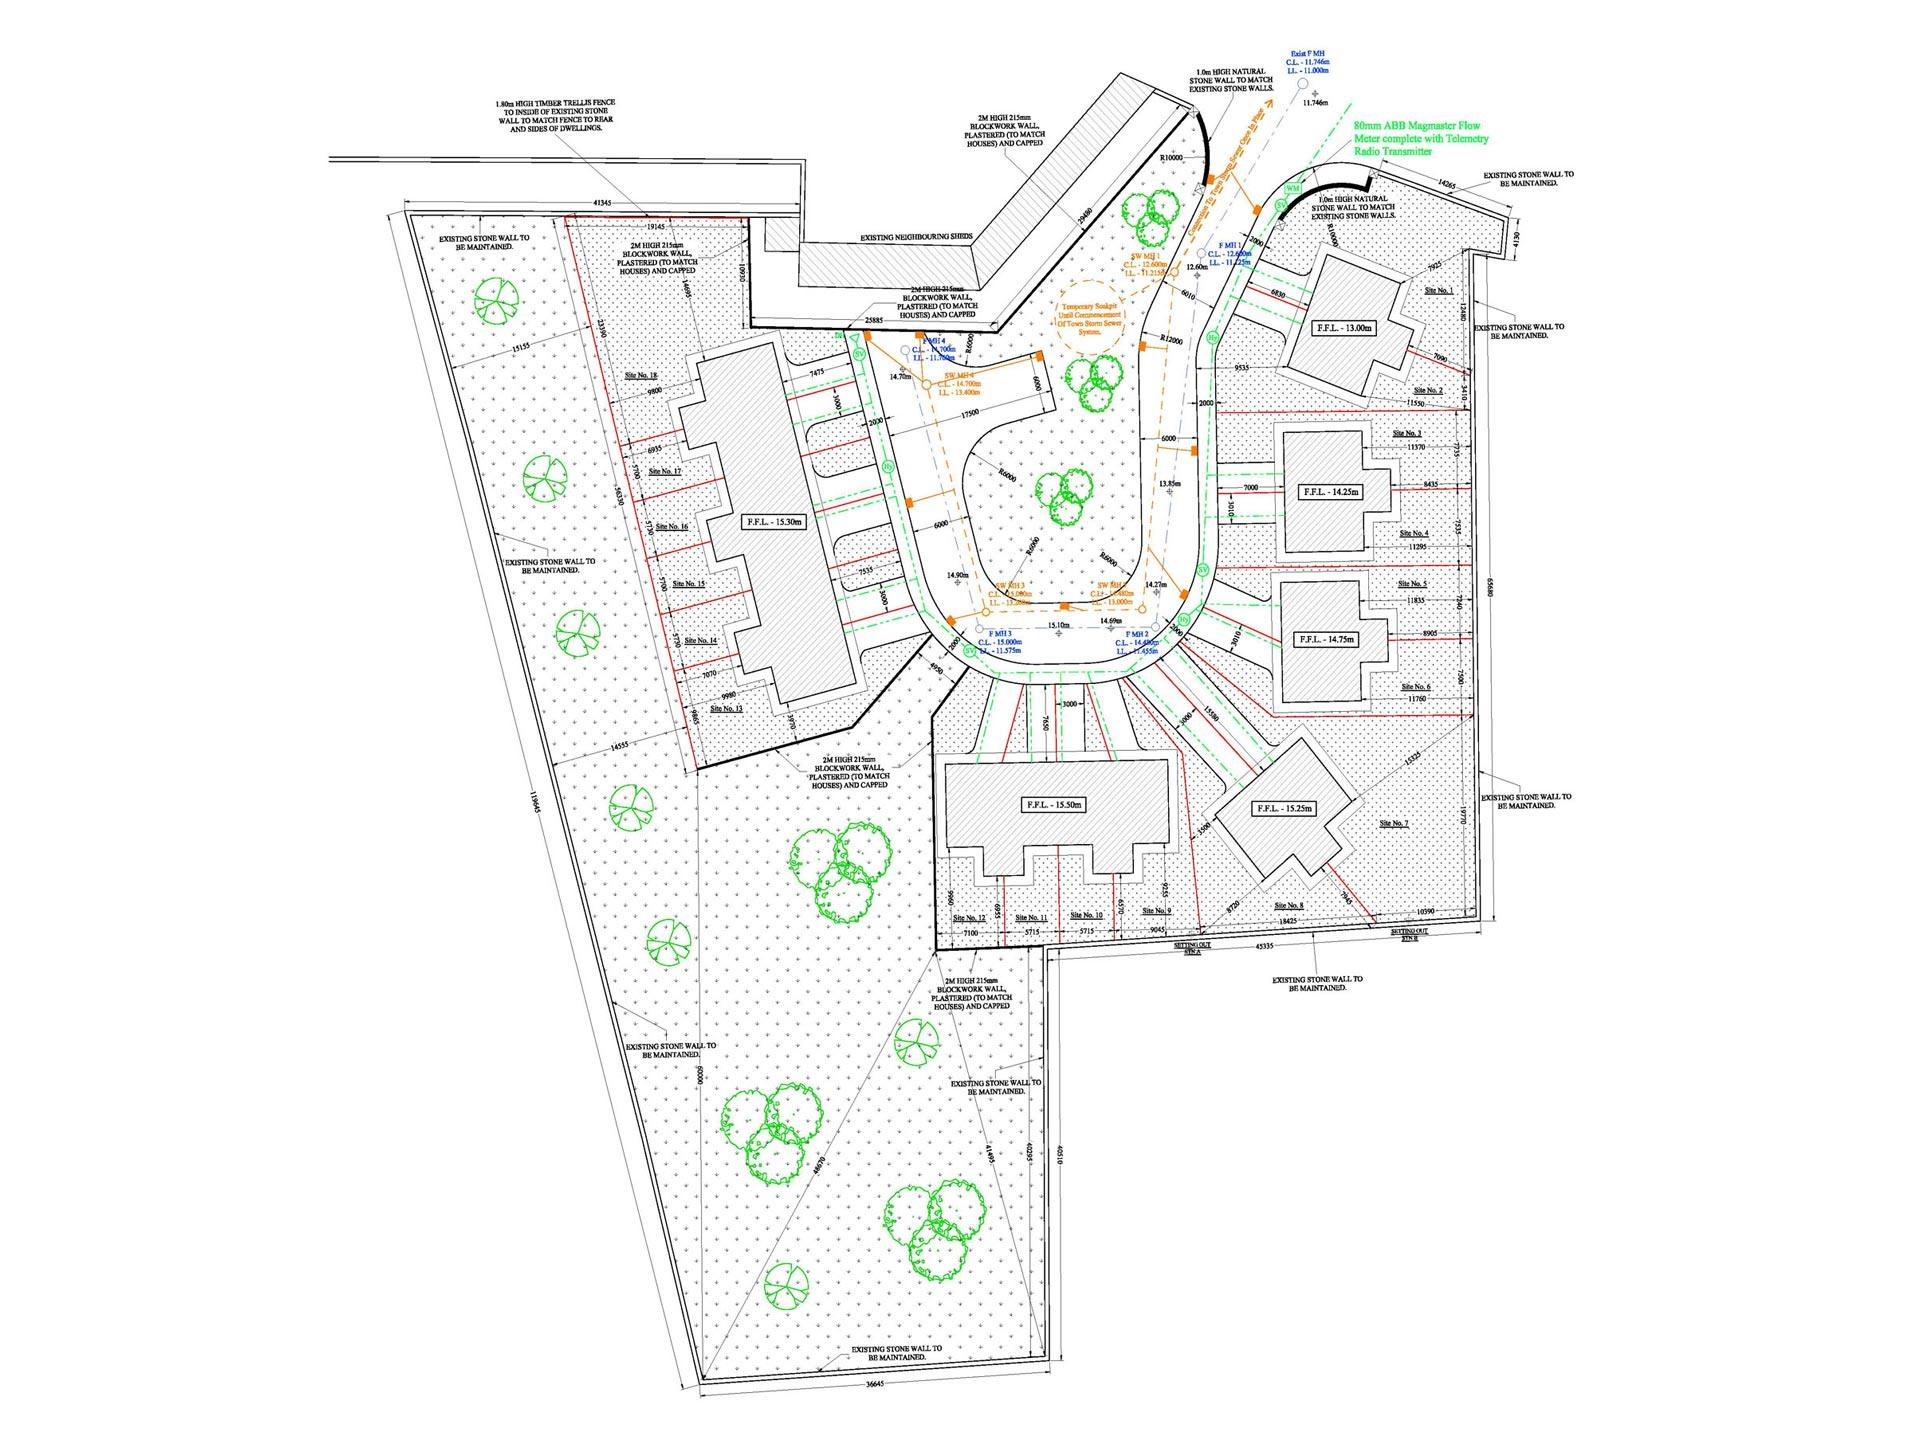 2d_site_layout